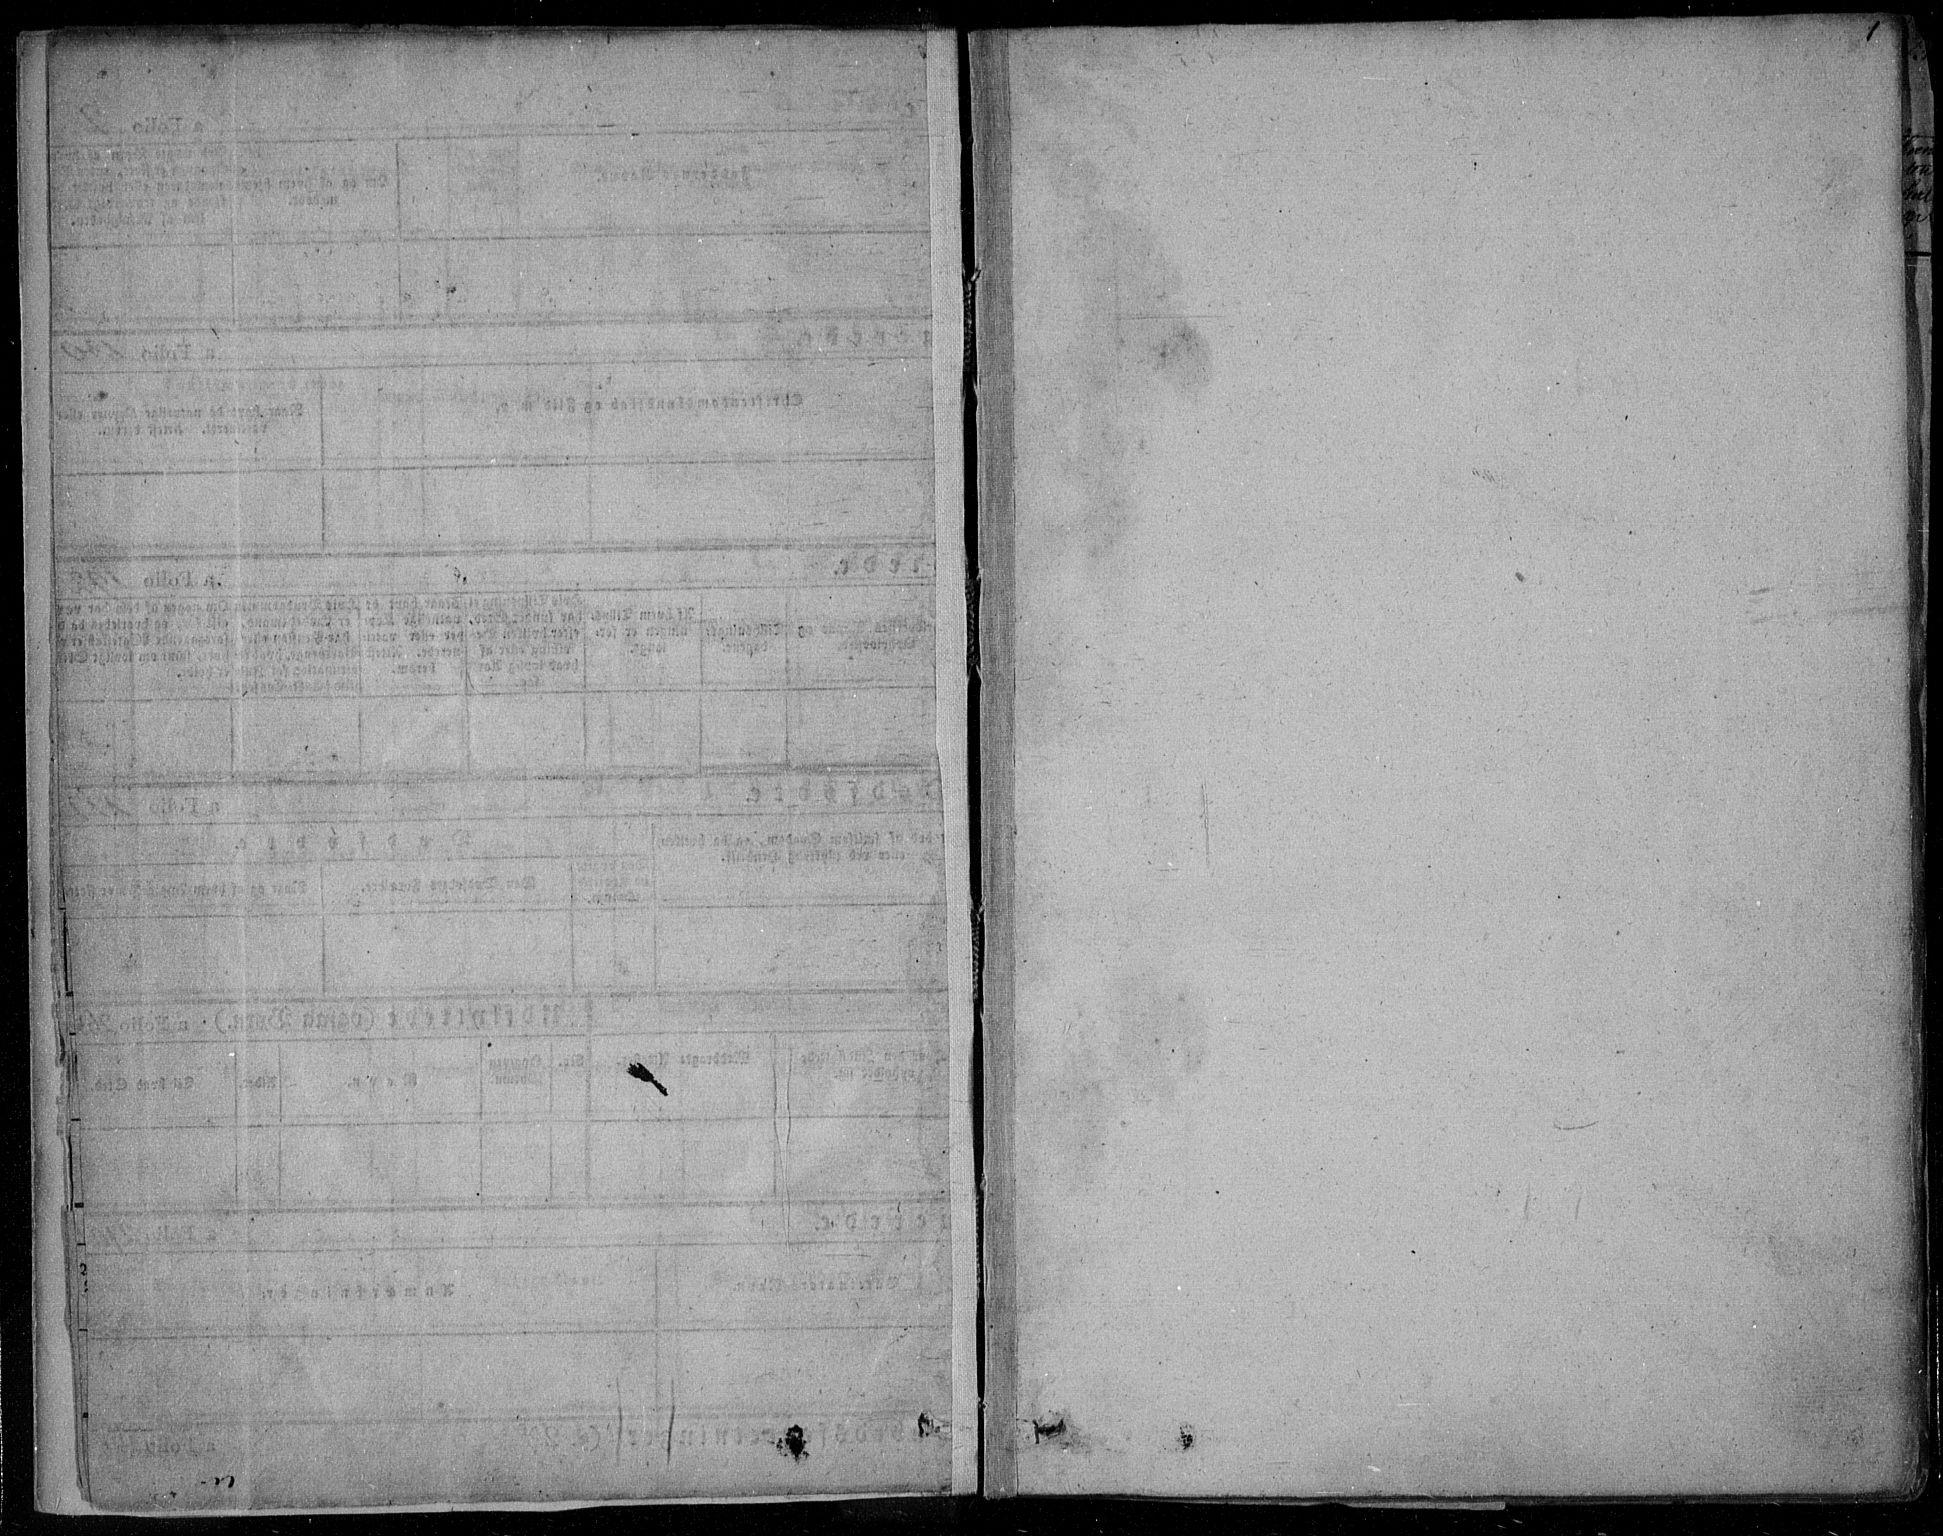 SAKO, Gjerpen kirkebøker, F/Fa/L0006: Ministerialbok nr. 6, 1829-1834, s. 1